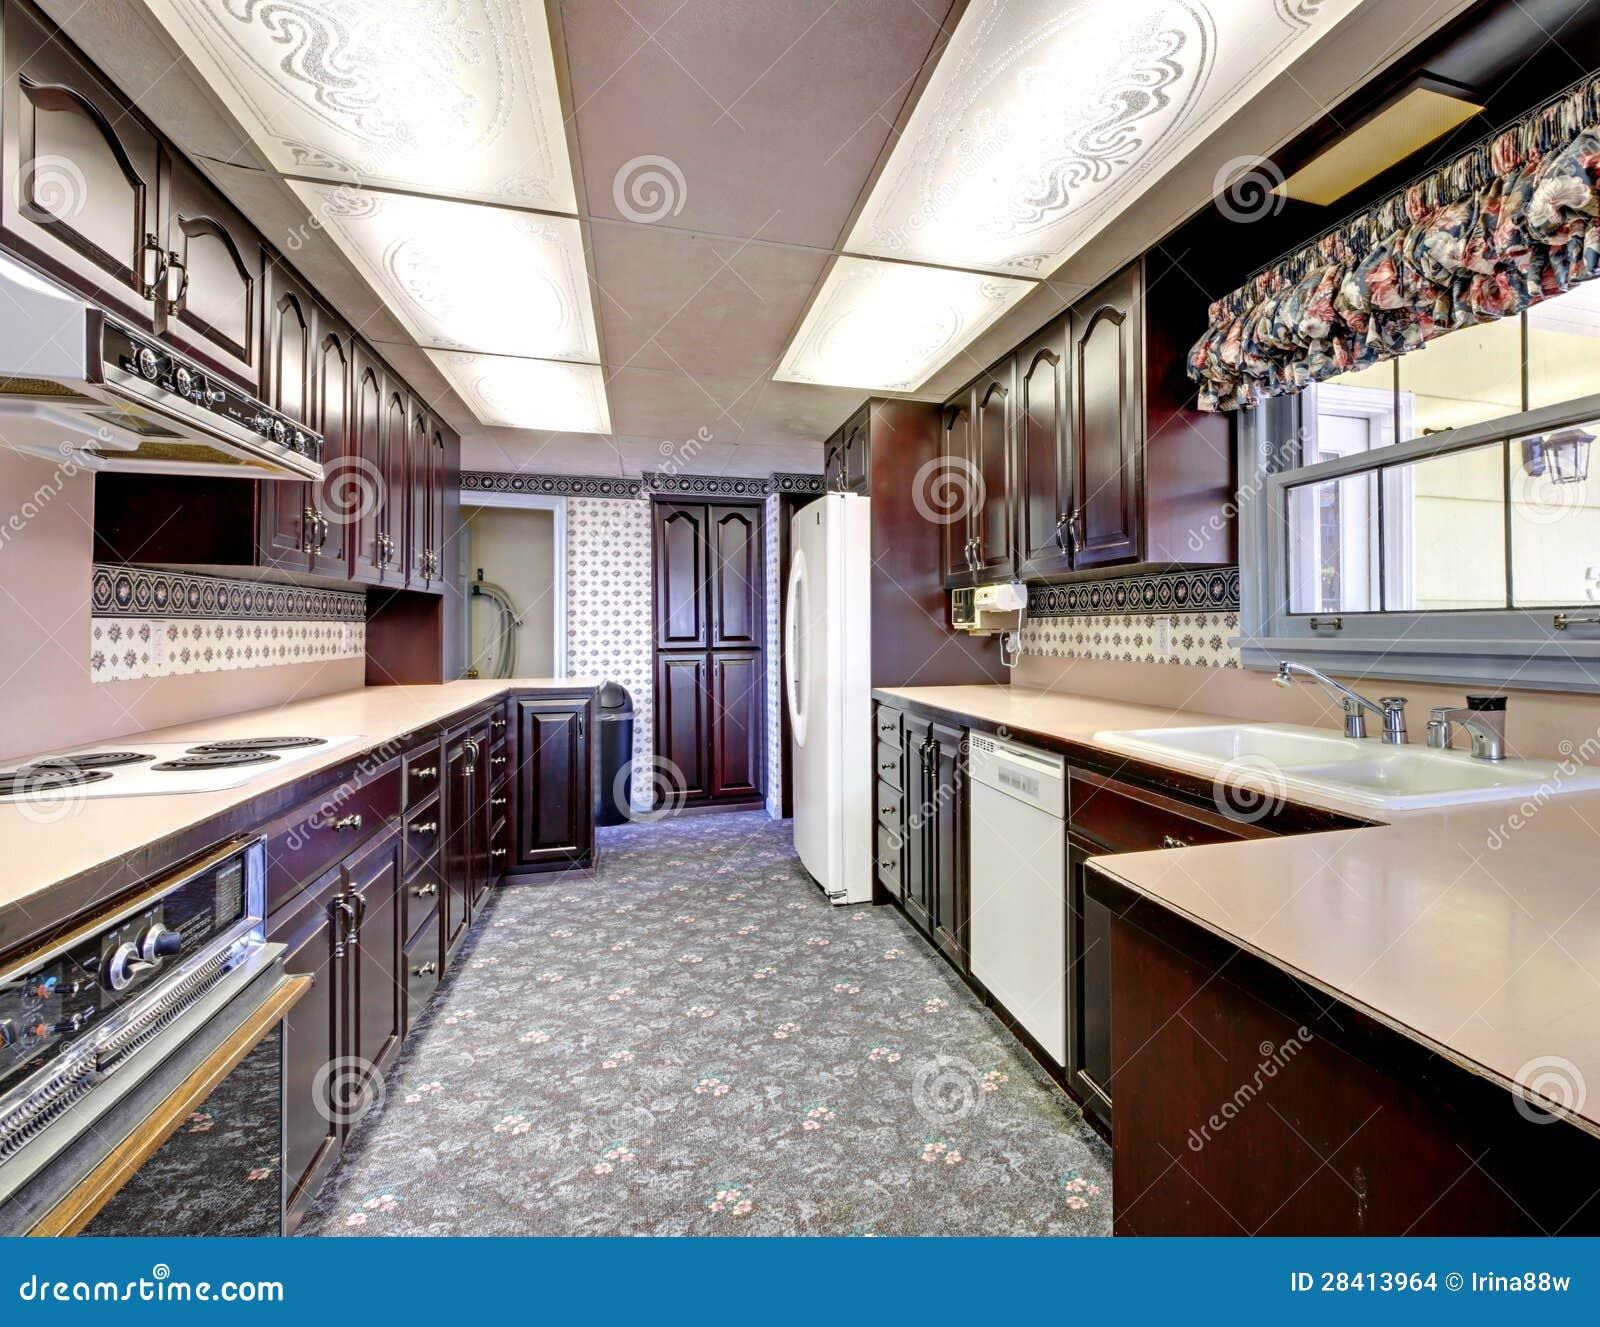 Oude houten smalle keuken met tapijt en gordijnen. stock ...